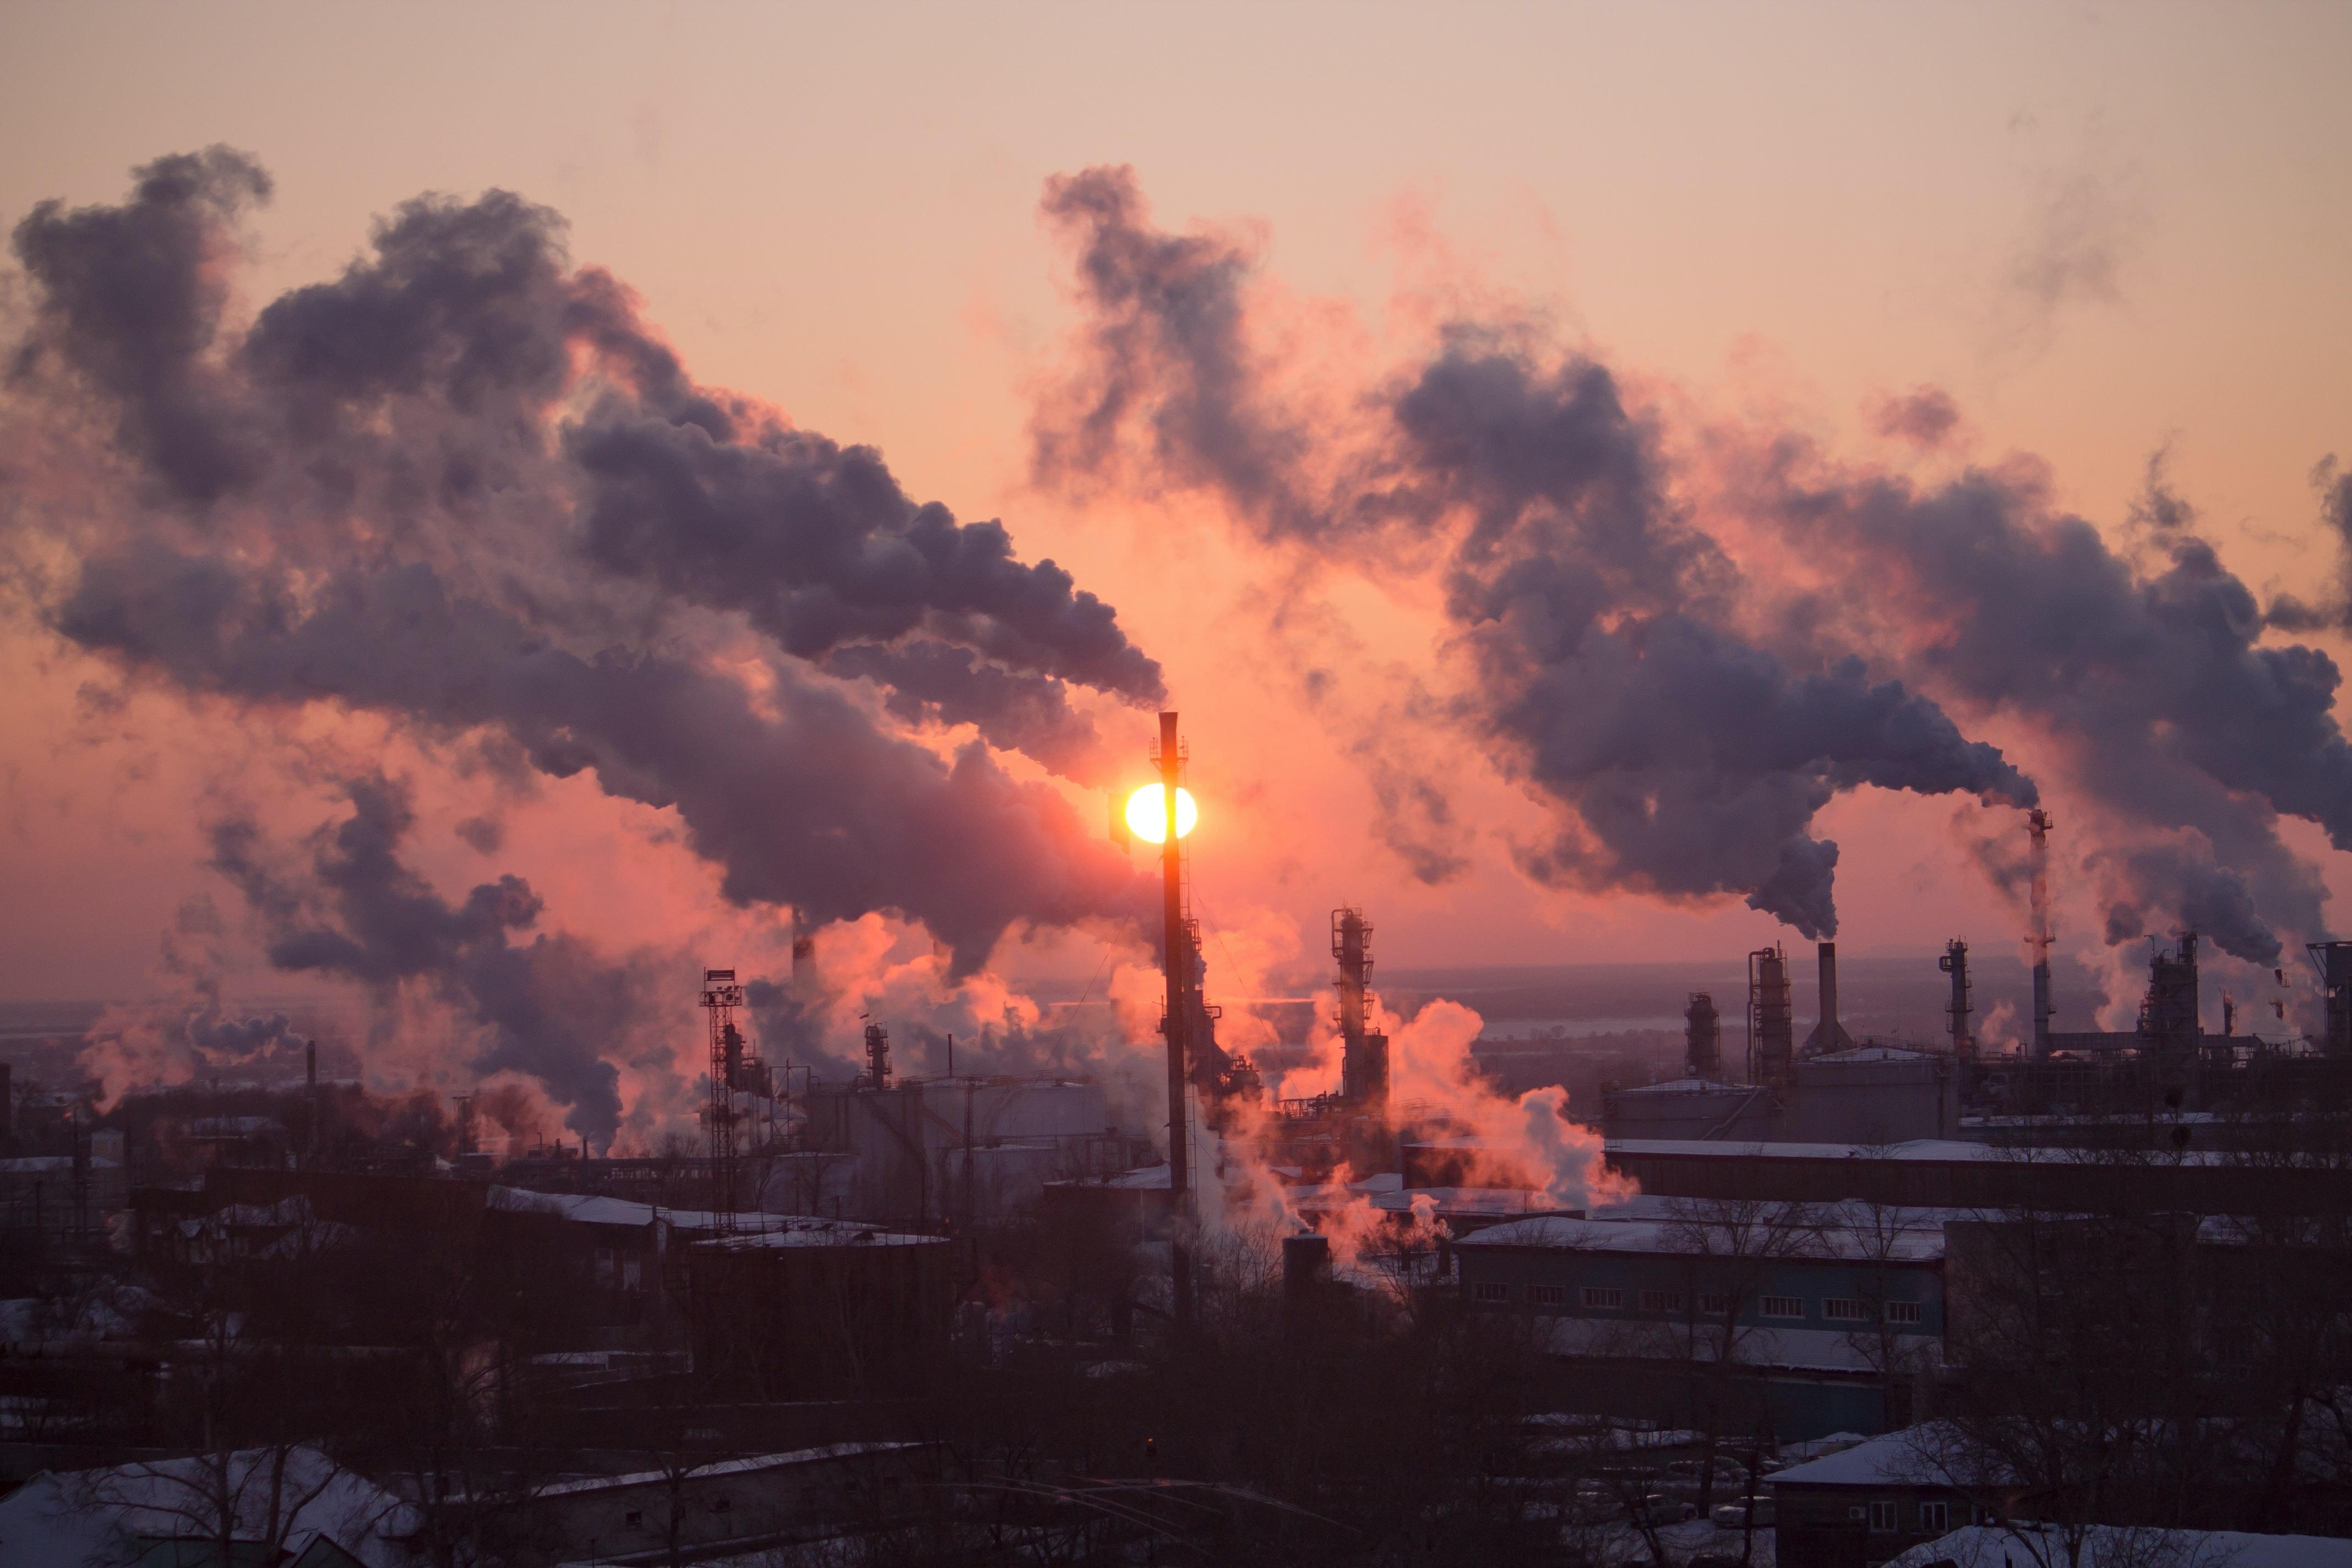 Topp 5 koldioxidutsläpp